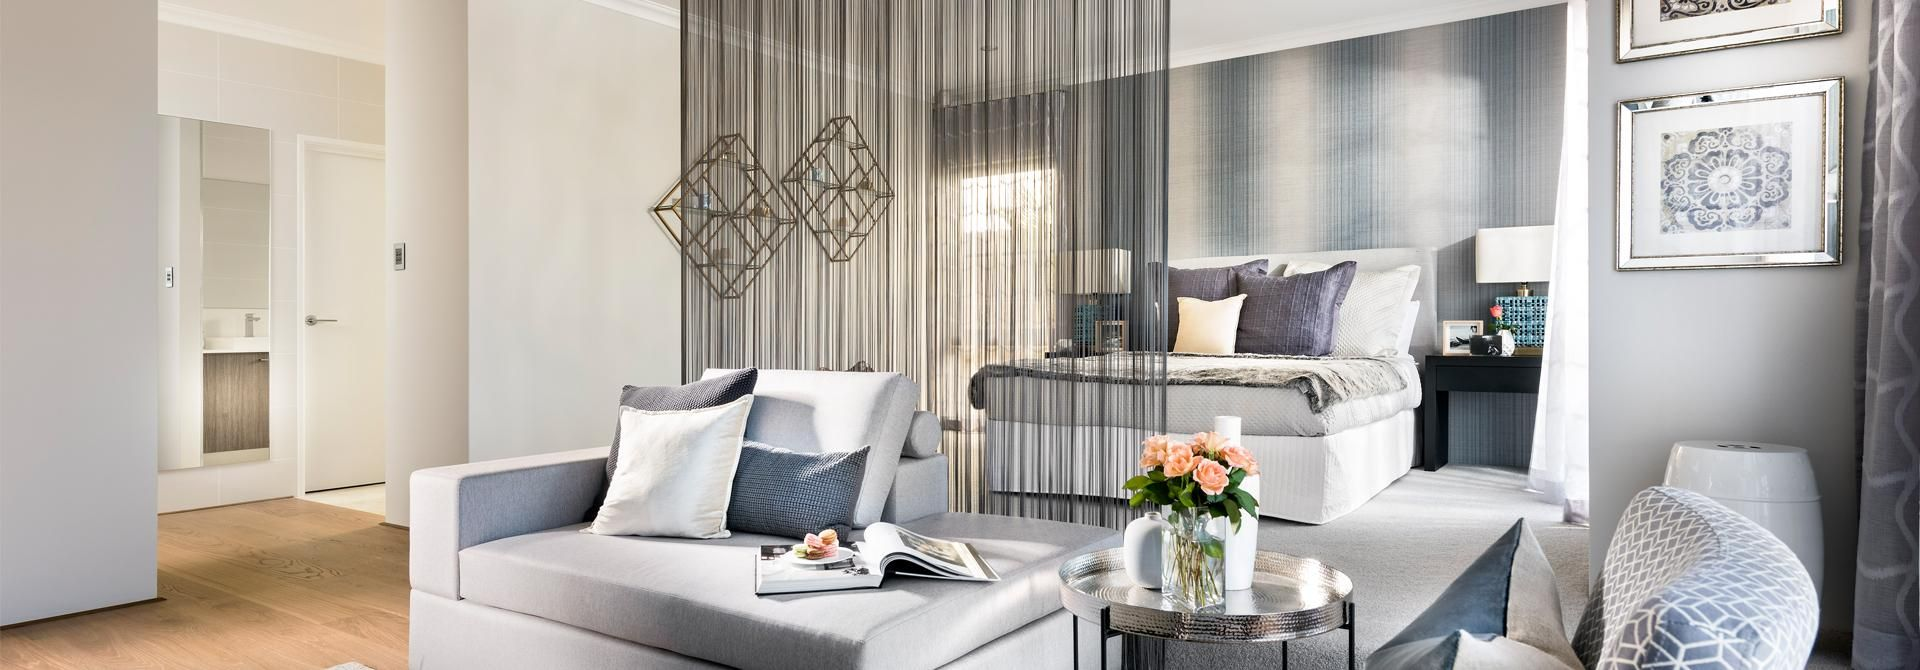 New Home Design Perth Aston I